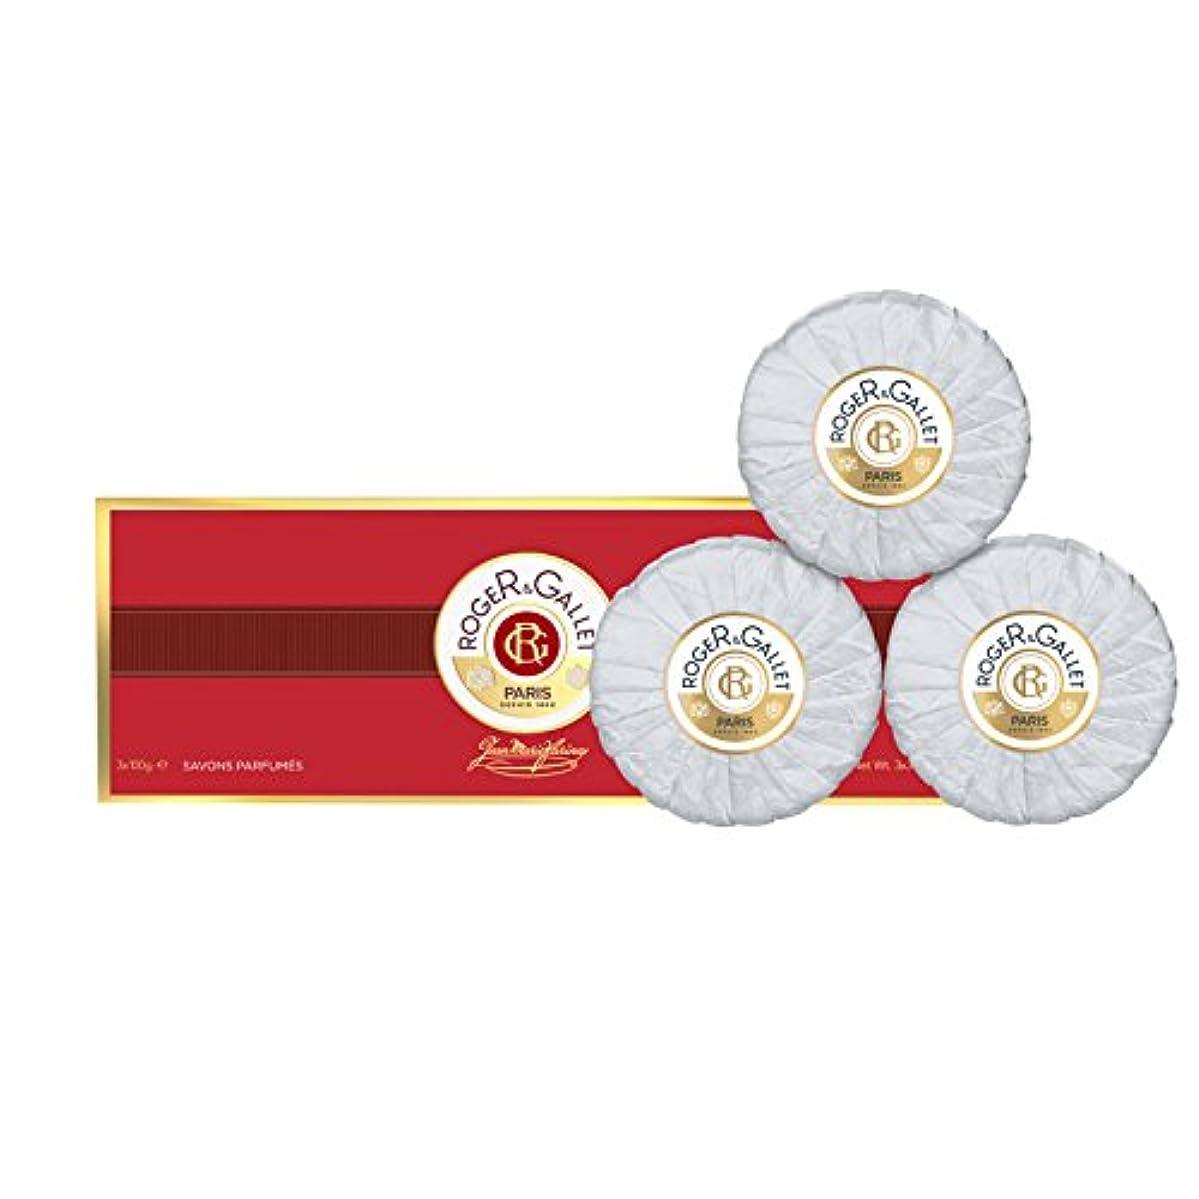 道徳の小売二年生ロジェガレ ジャンマリファリナ 香水石鹸 3個セット 100g×3 ROGER&GALLET JEAN MARIE FARINA SOAP [並行輸入品]